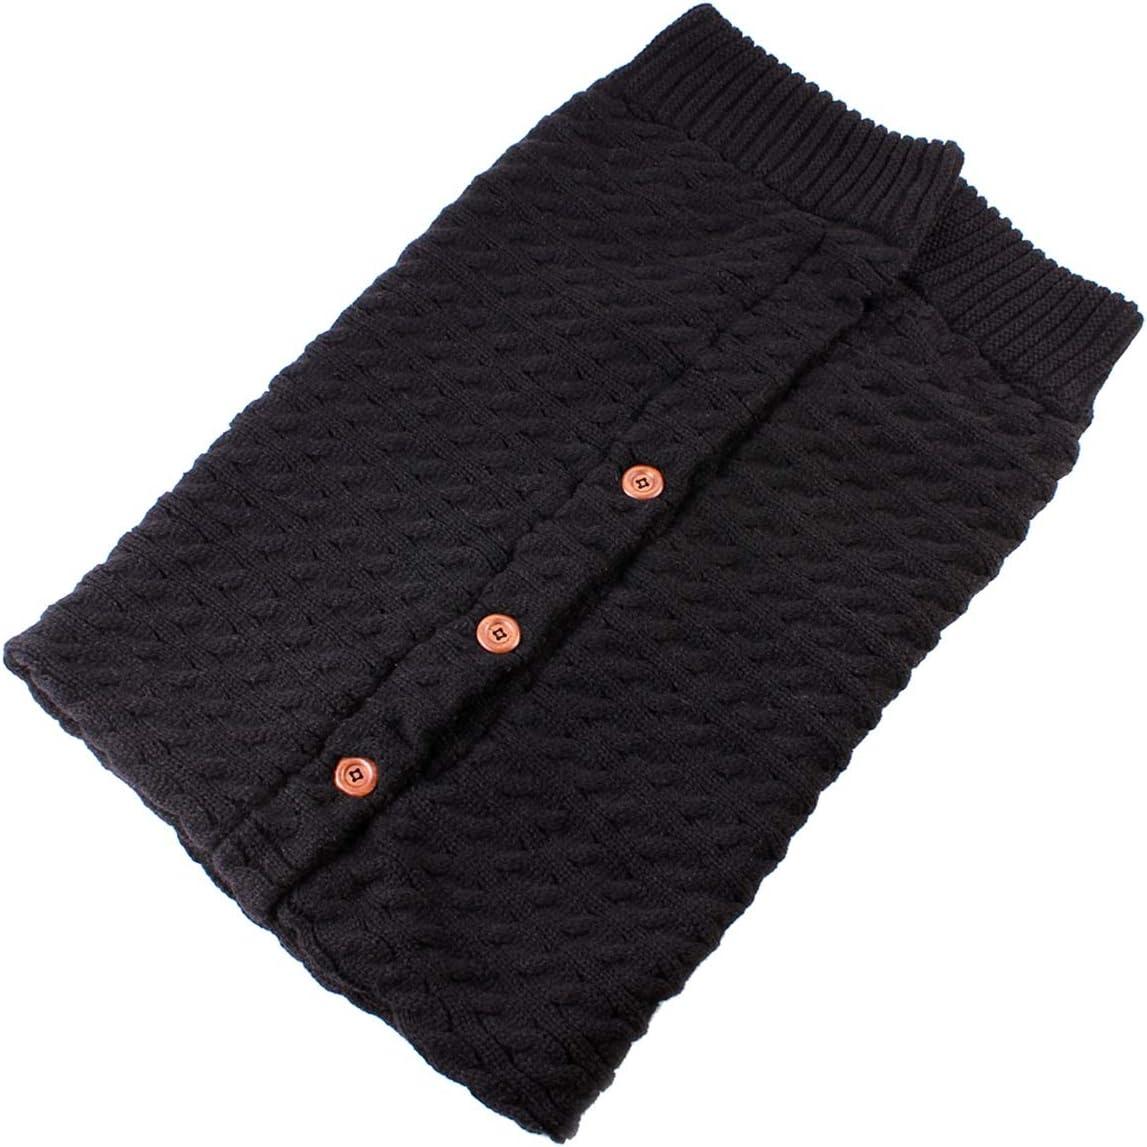 Color : Black Nouveau-n/é B/éb/é Hiver Wadd Swaddle Tricot/é Sac De Couchage Sac De Sommeil Poussette Wrap Pour B/éb/é